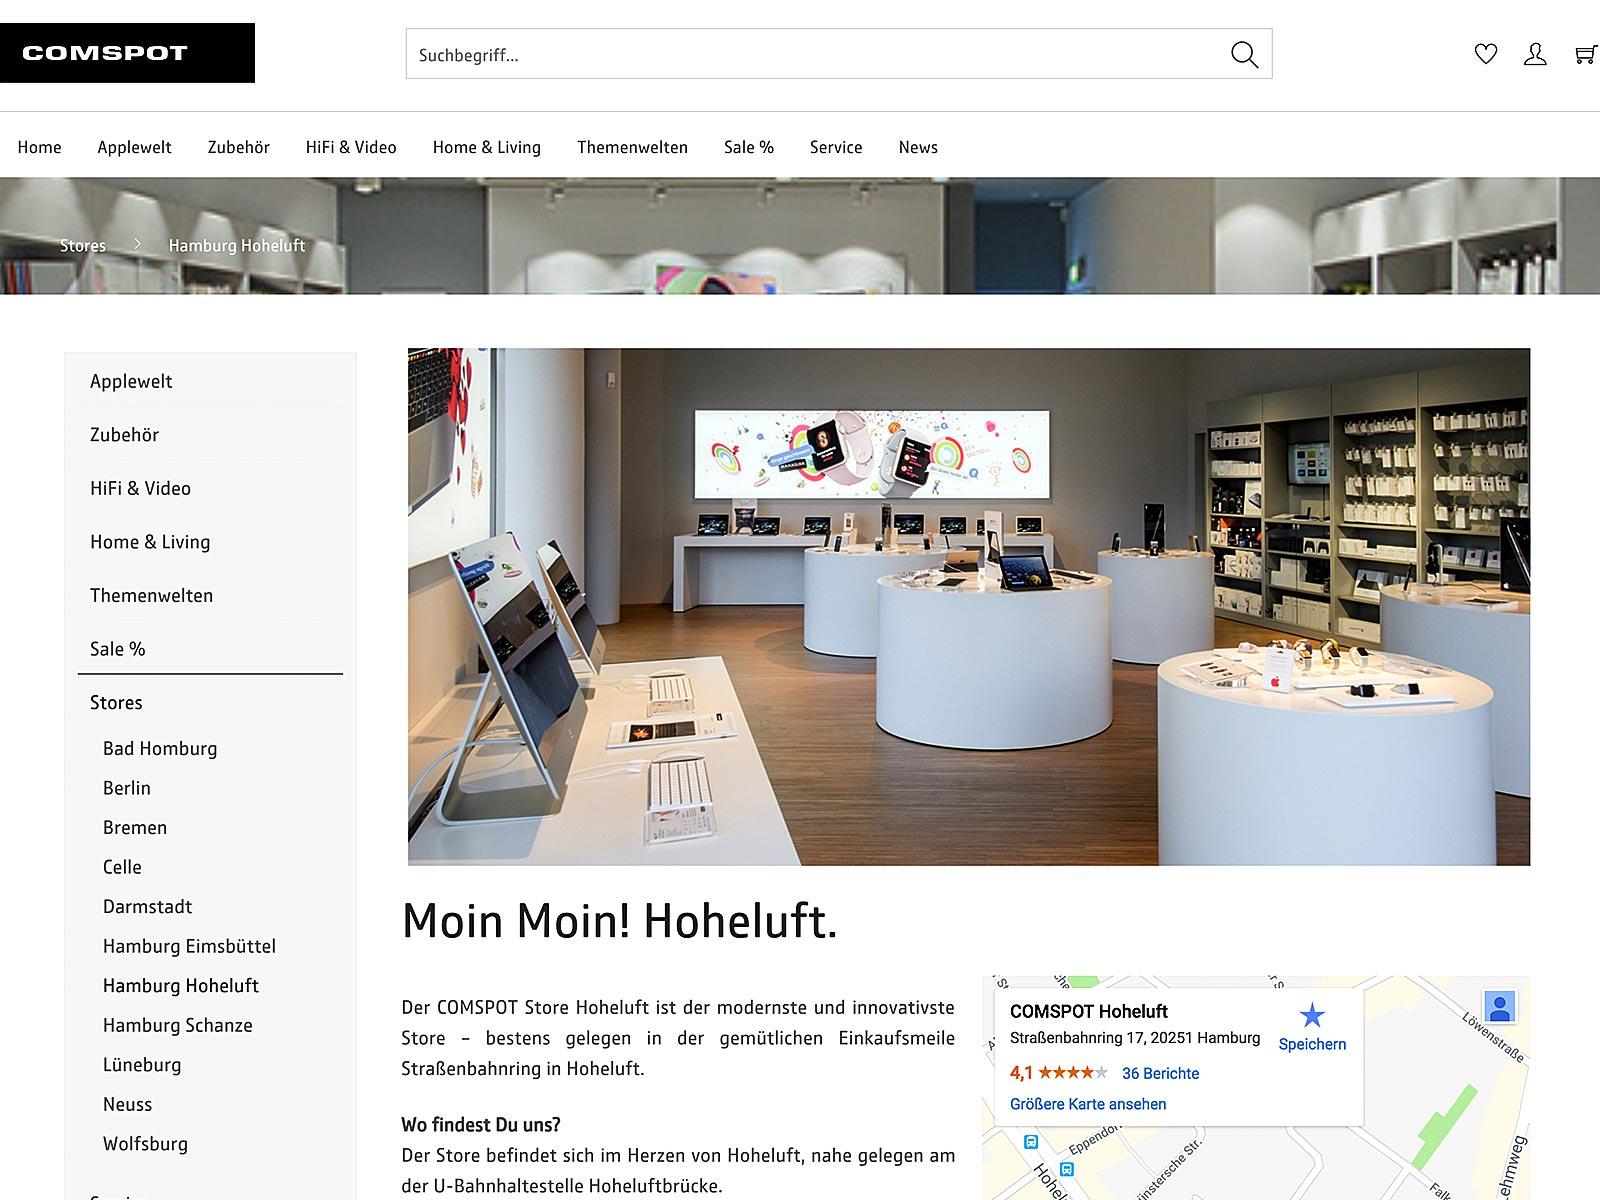 Shopware-Entwicklung und Migration für Apple Comspot bundesweit